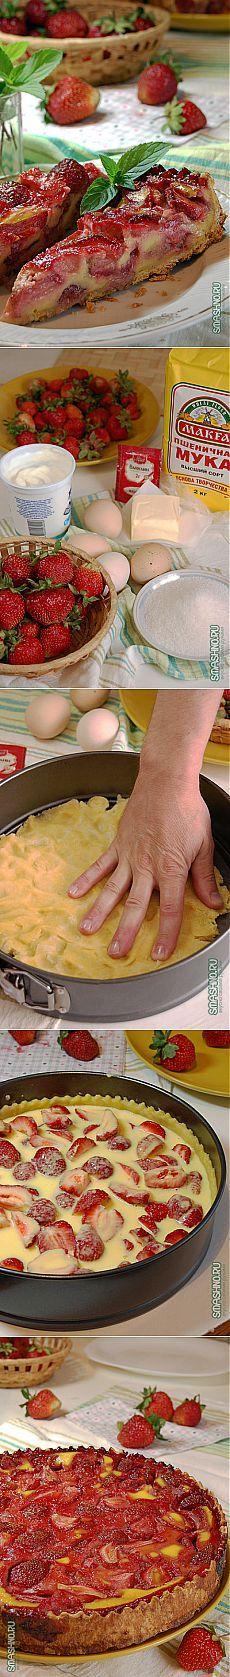 Клубничный пирог с заливкой из сметаны и яиц | Вкусно своими руками